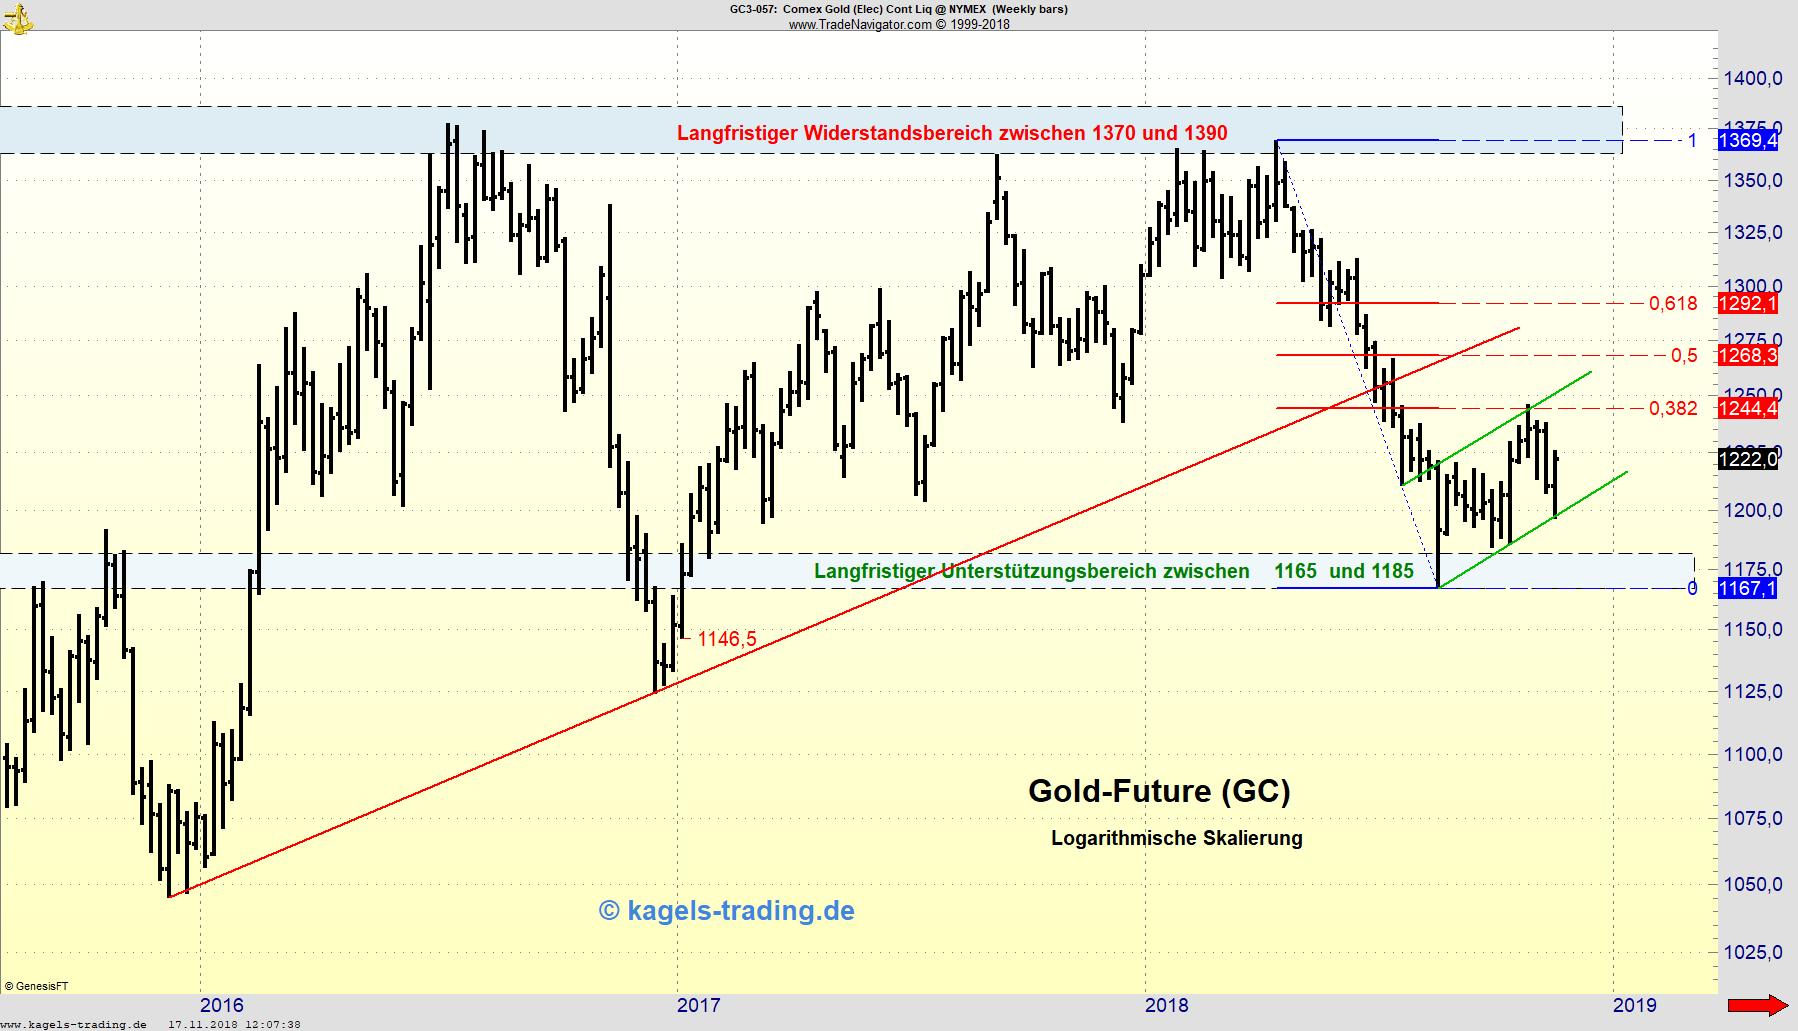 Langfristiger Gold-Future-Chart